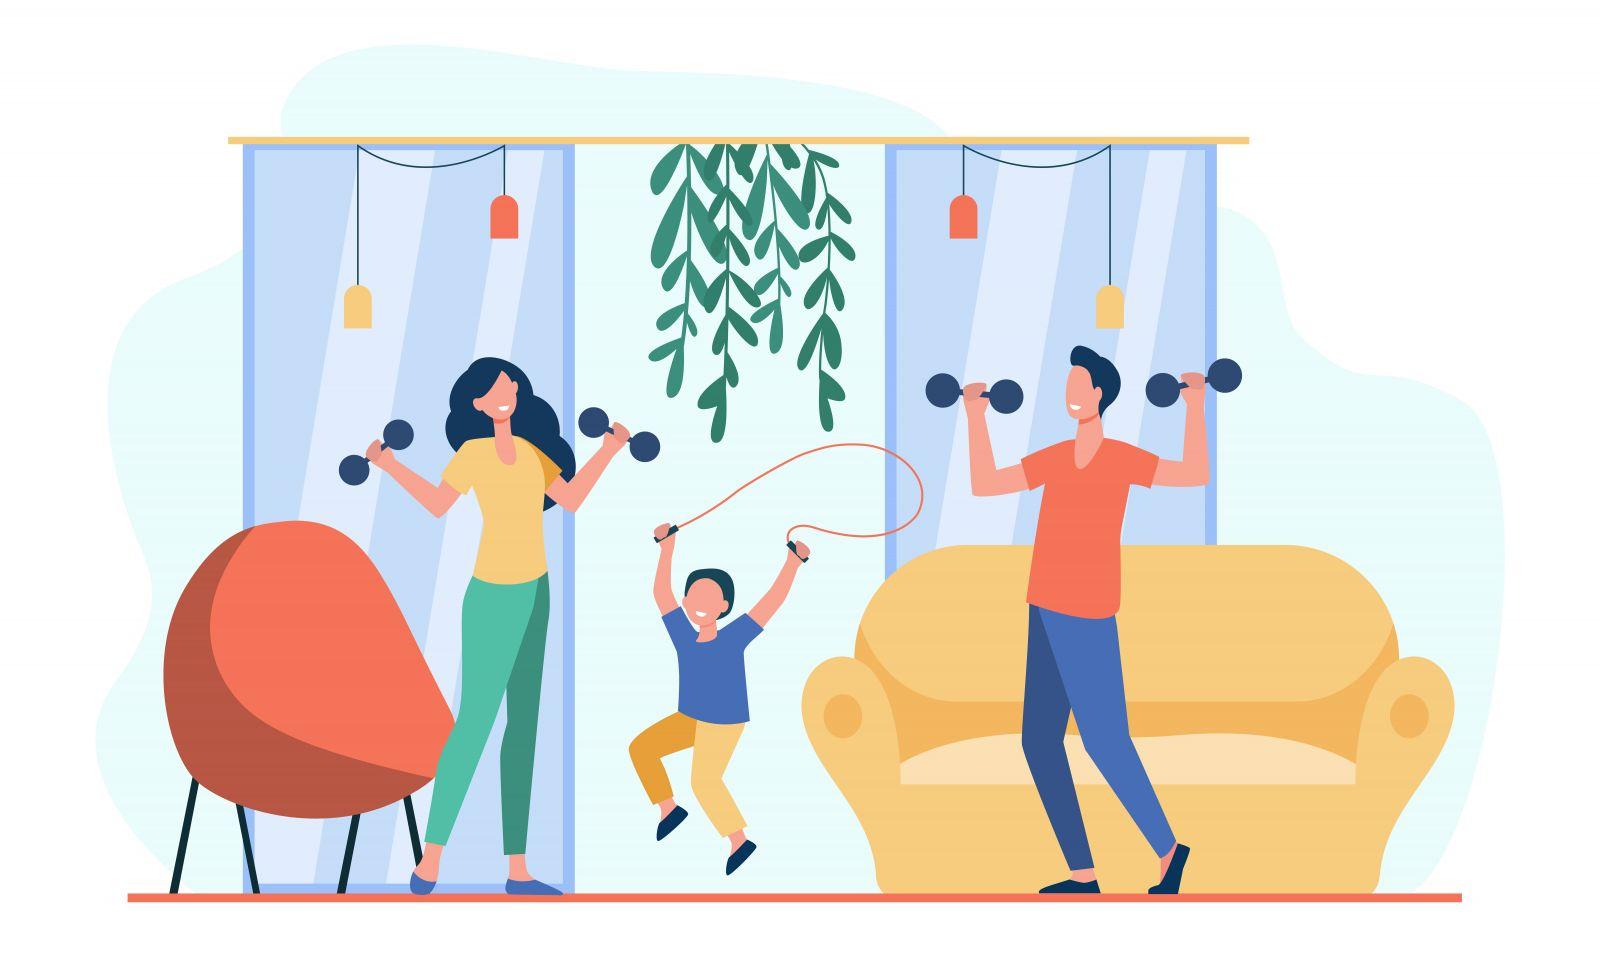 actividades-para-realizar-en-familia-durante-las-vacaciones